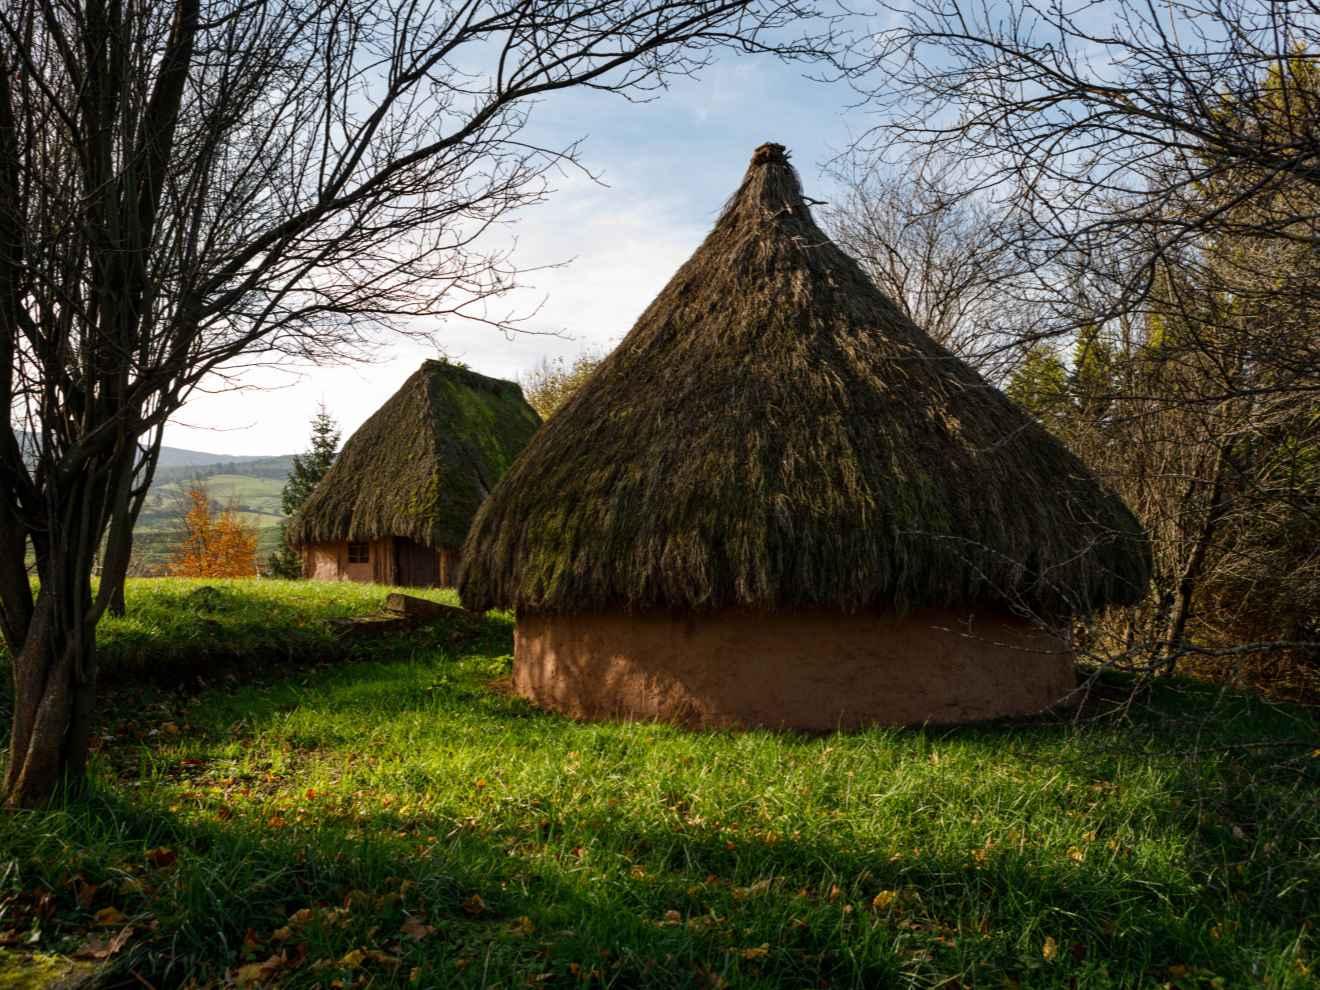 poblado cántabro cabaña circular